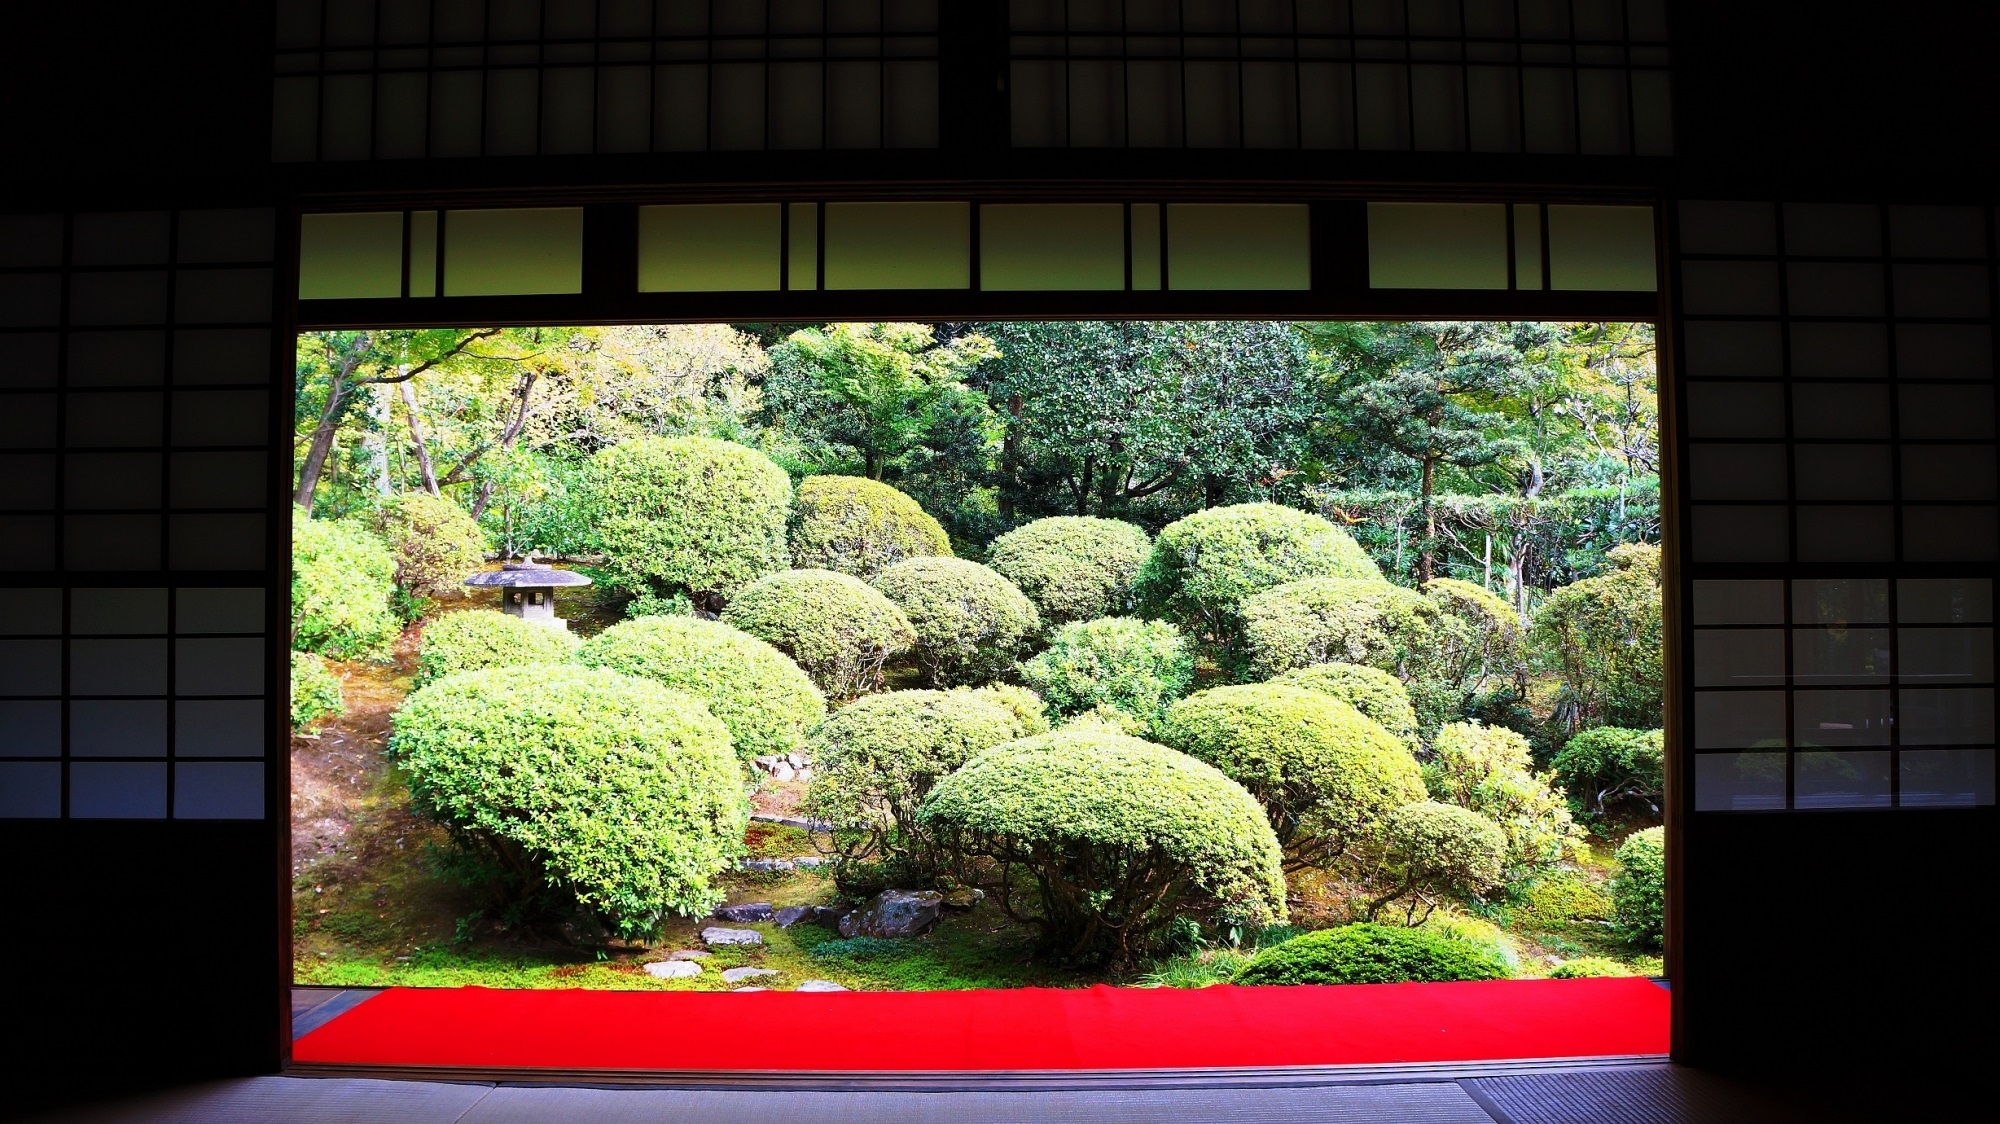 安楽寺の緑の書院庭園